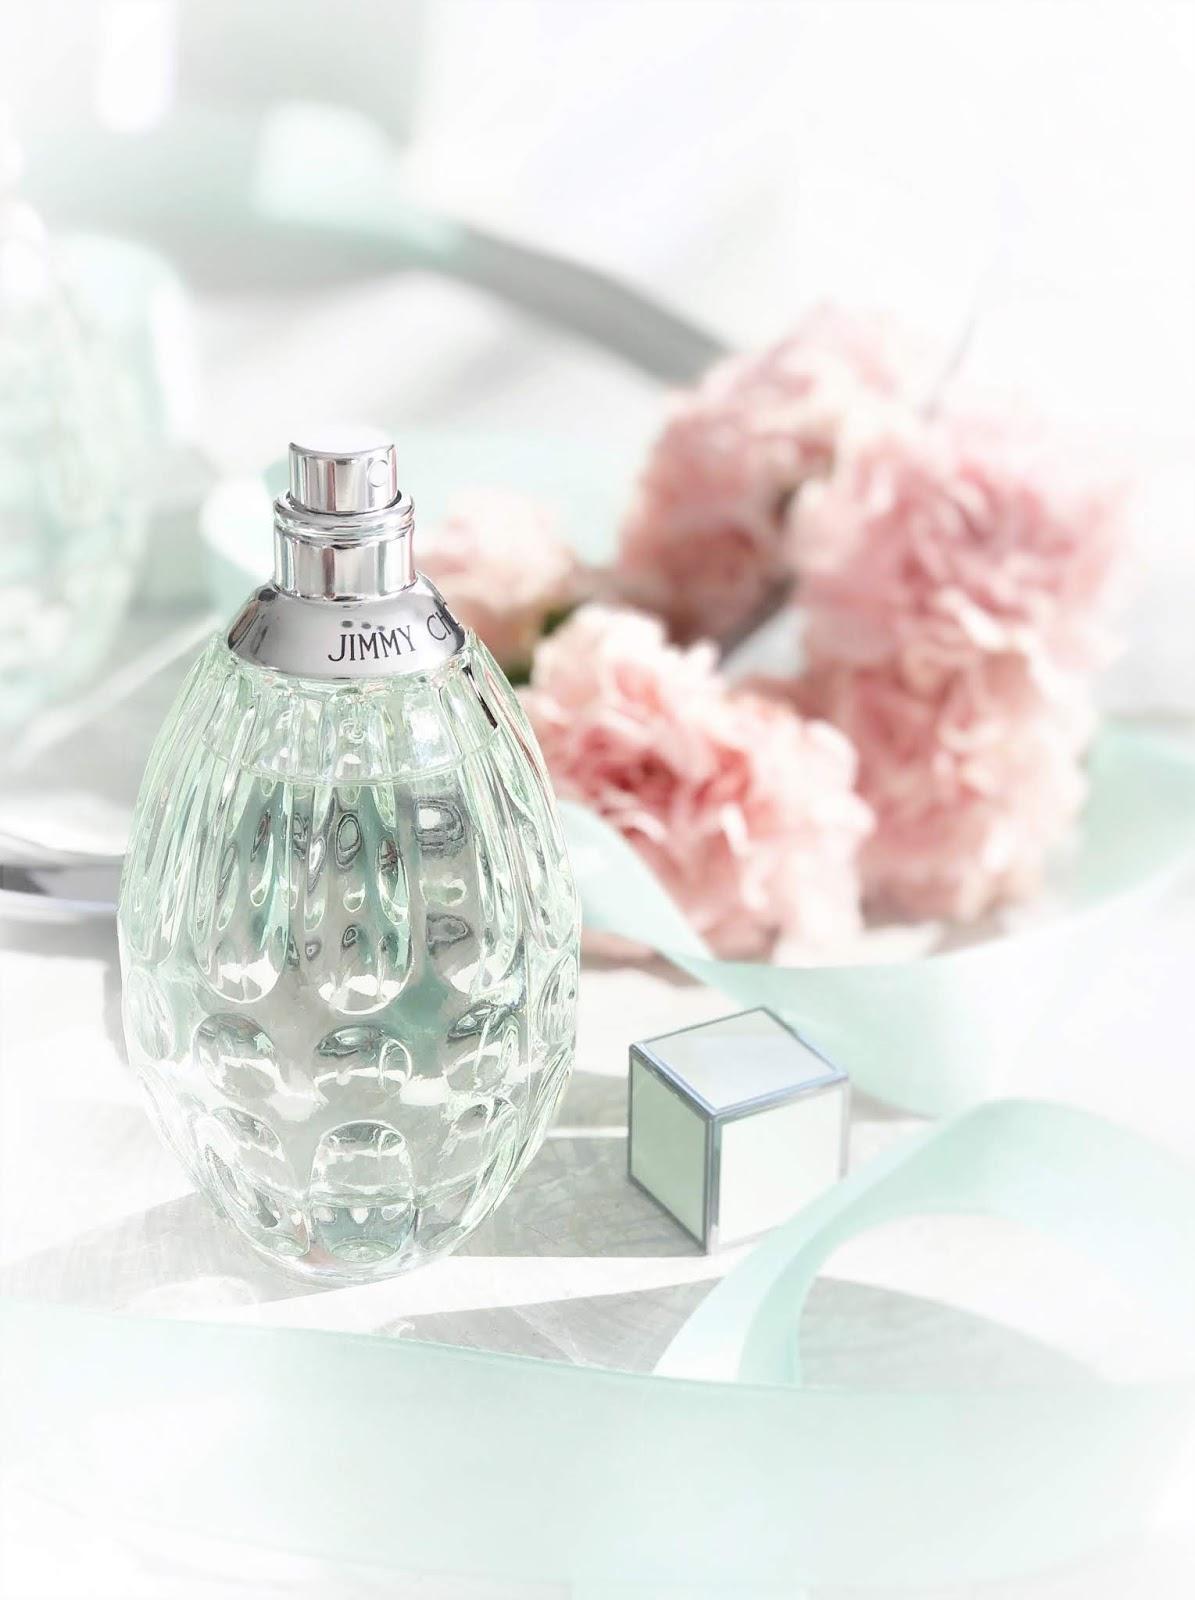 Zapach wiosny zamknięty we flakonie - Jimmy Choo Floral